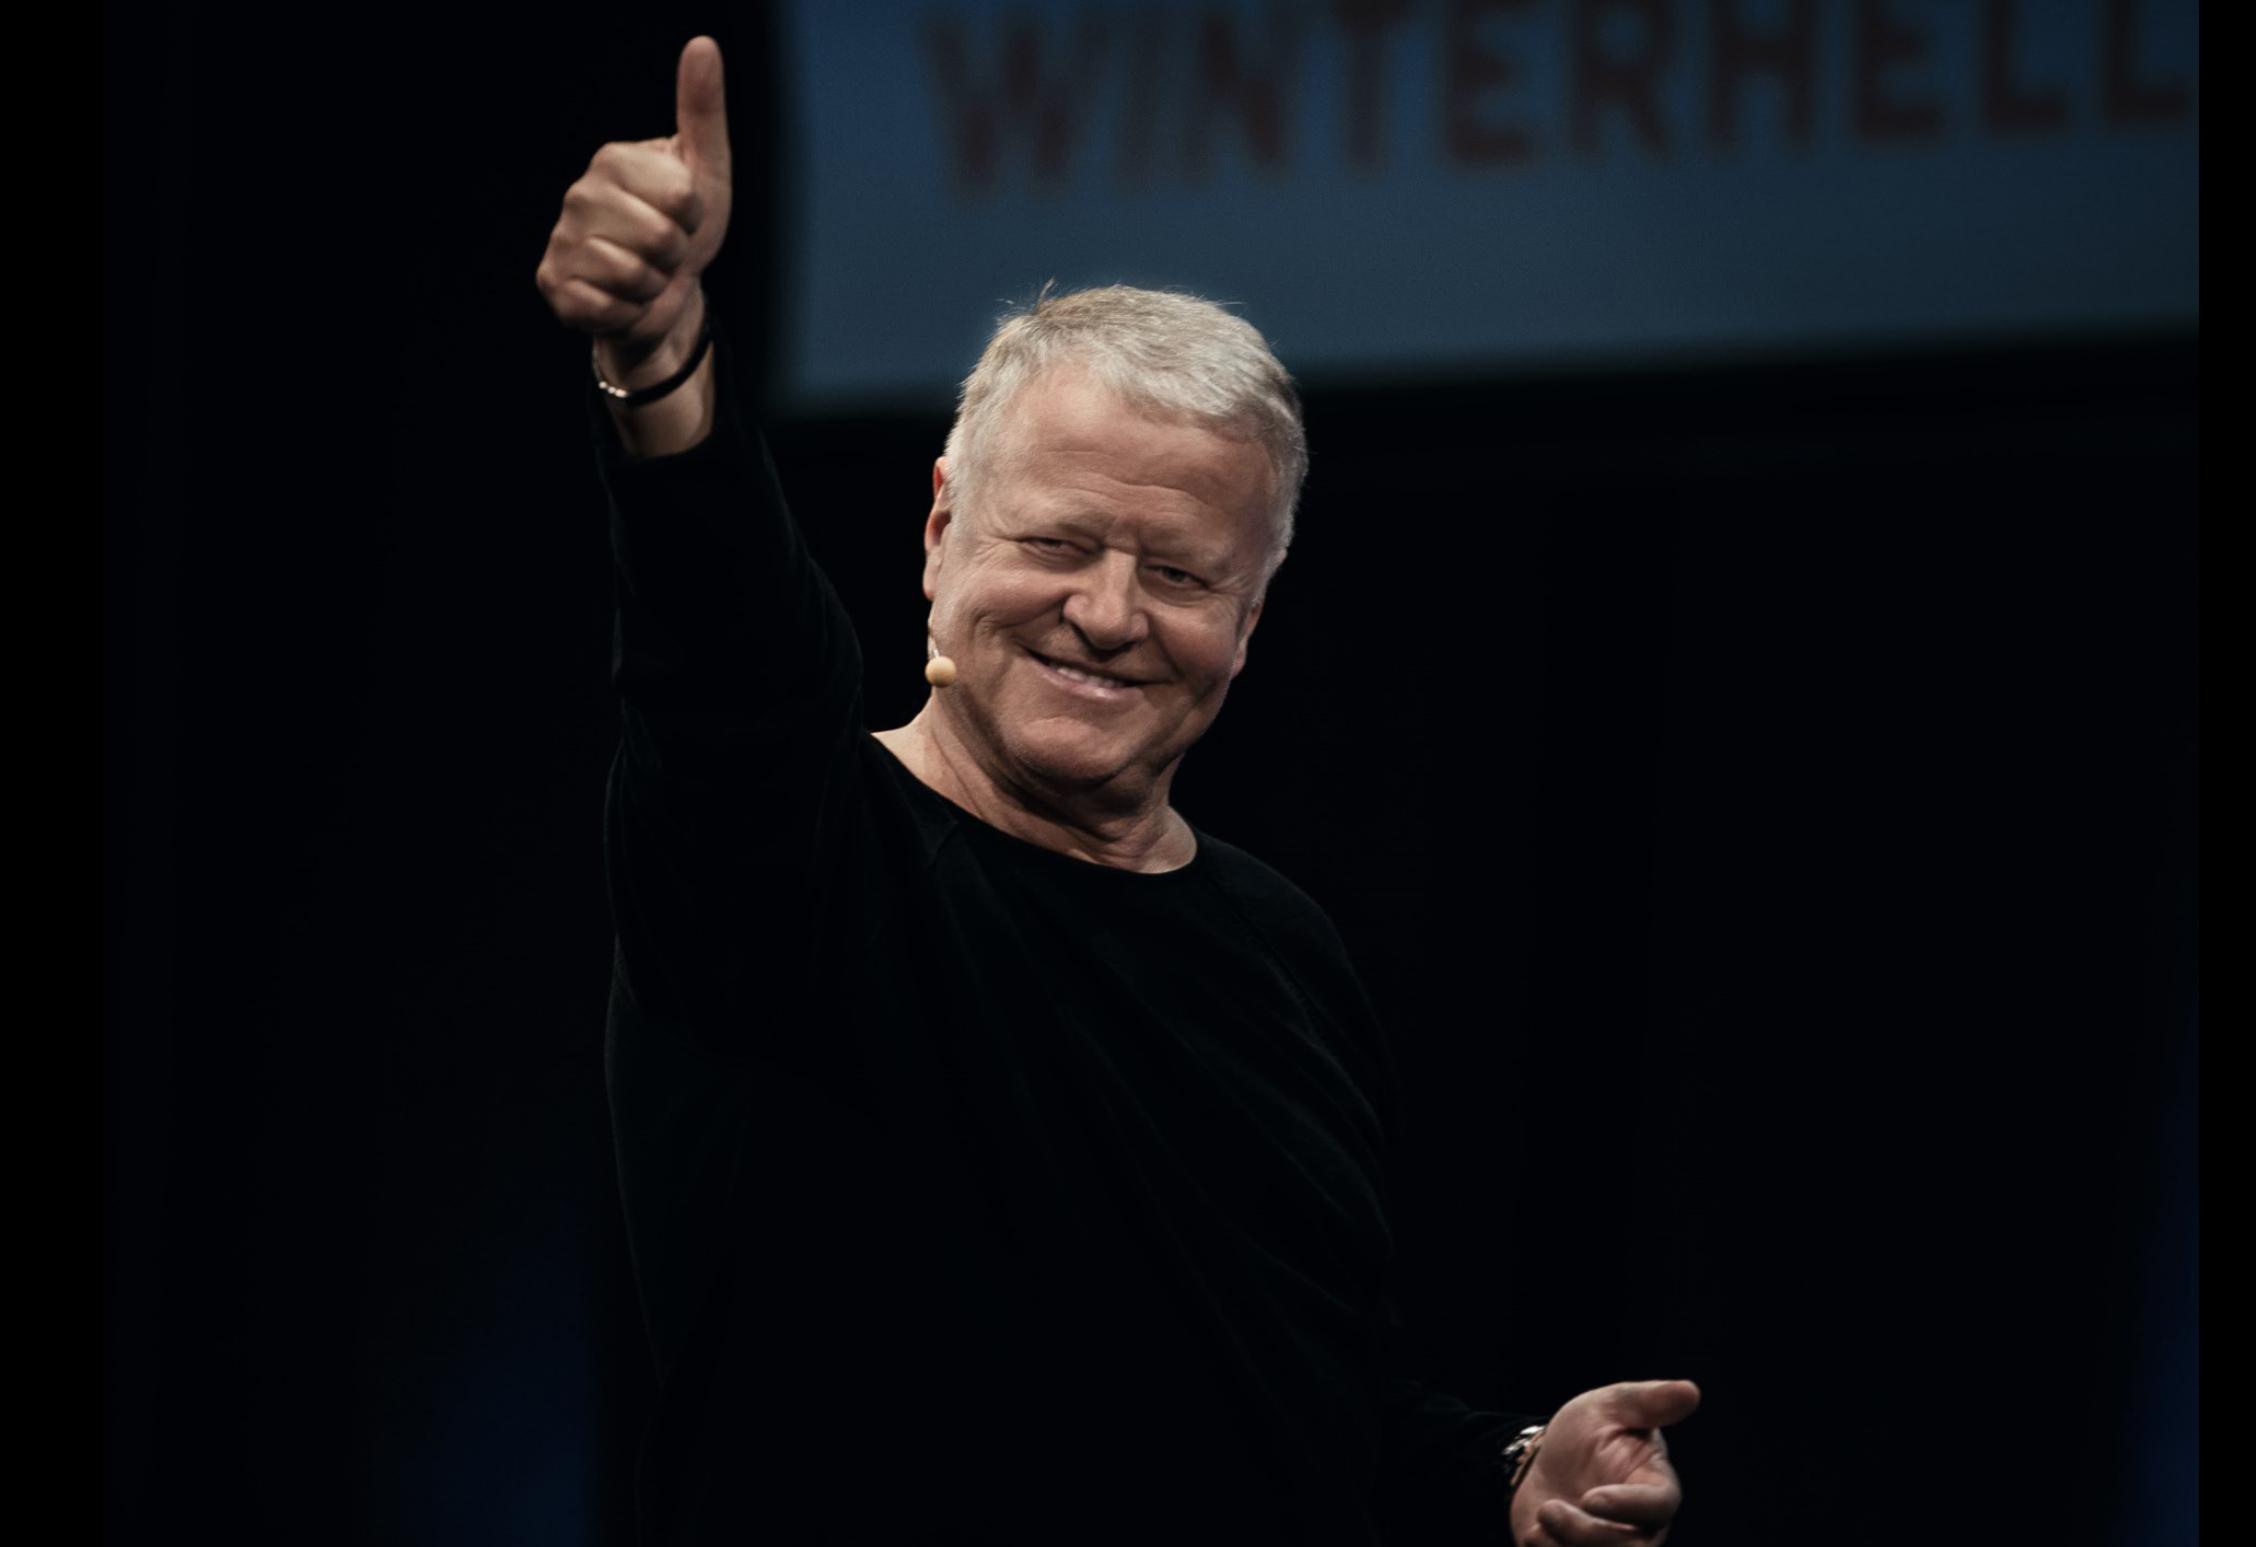 Dr. Manfred Winterheller